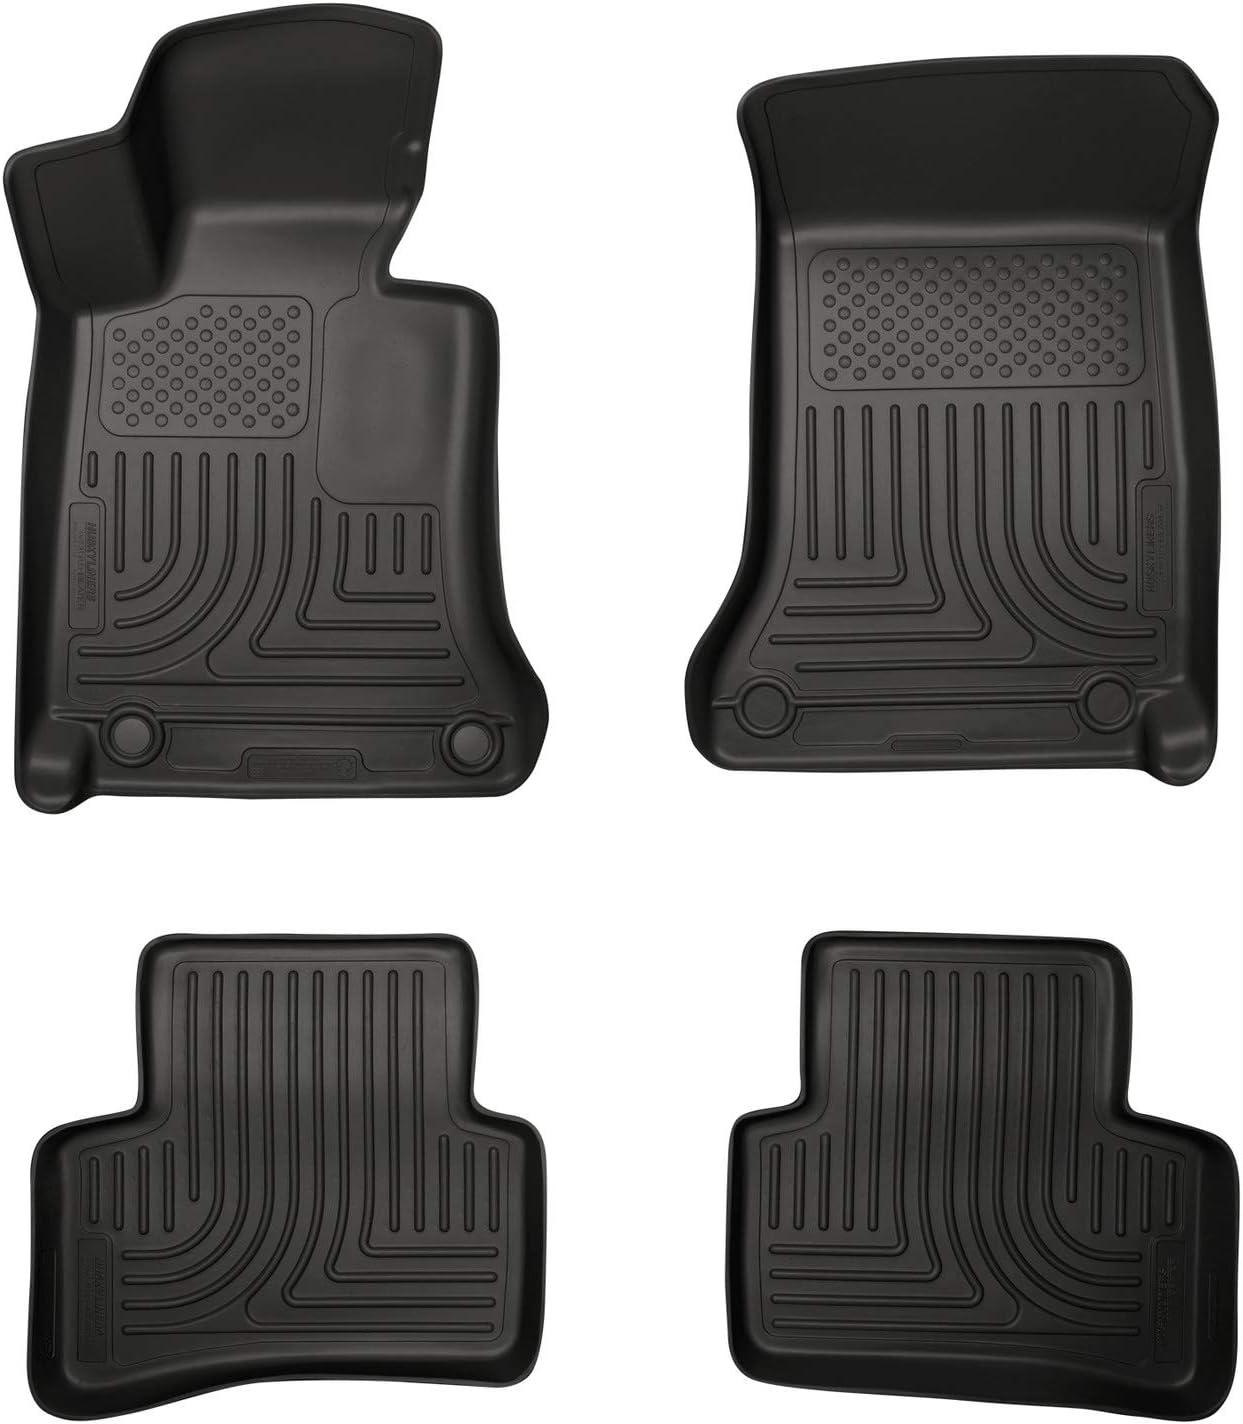 Husky Liners Front and 2nd Seat Floor Liners Fits 08-14 Mercedes C-Class 4 Door